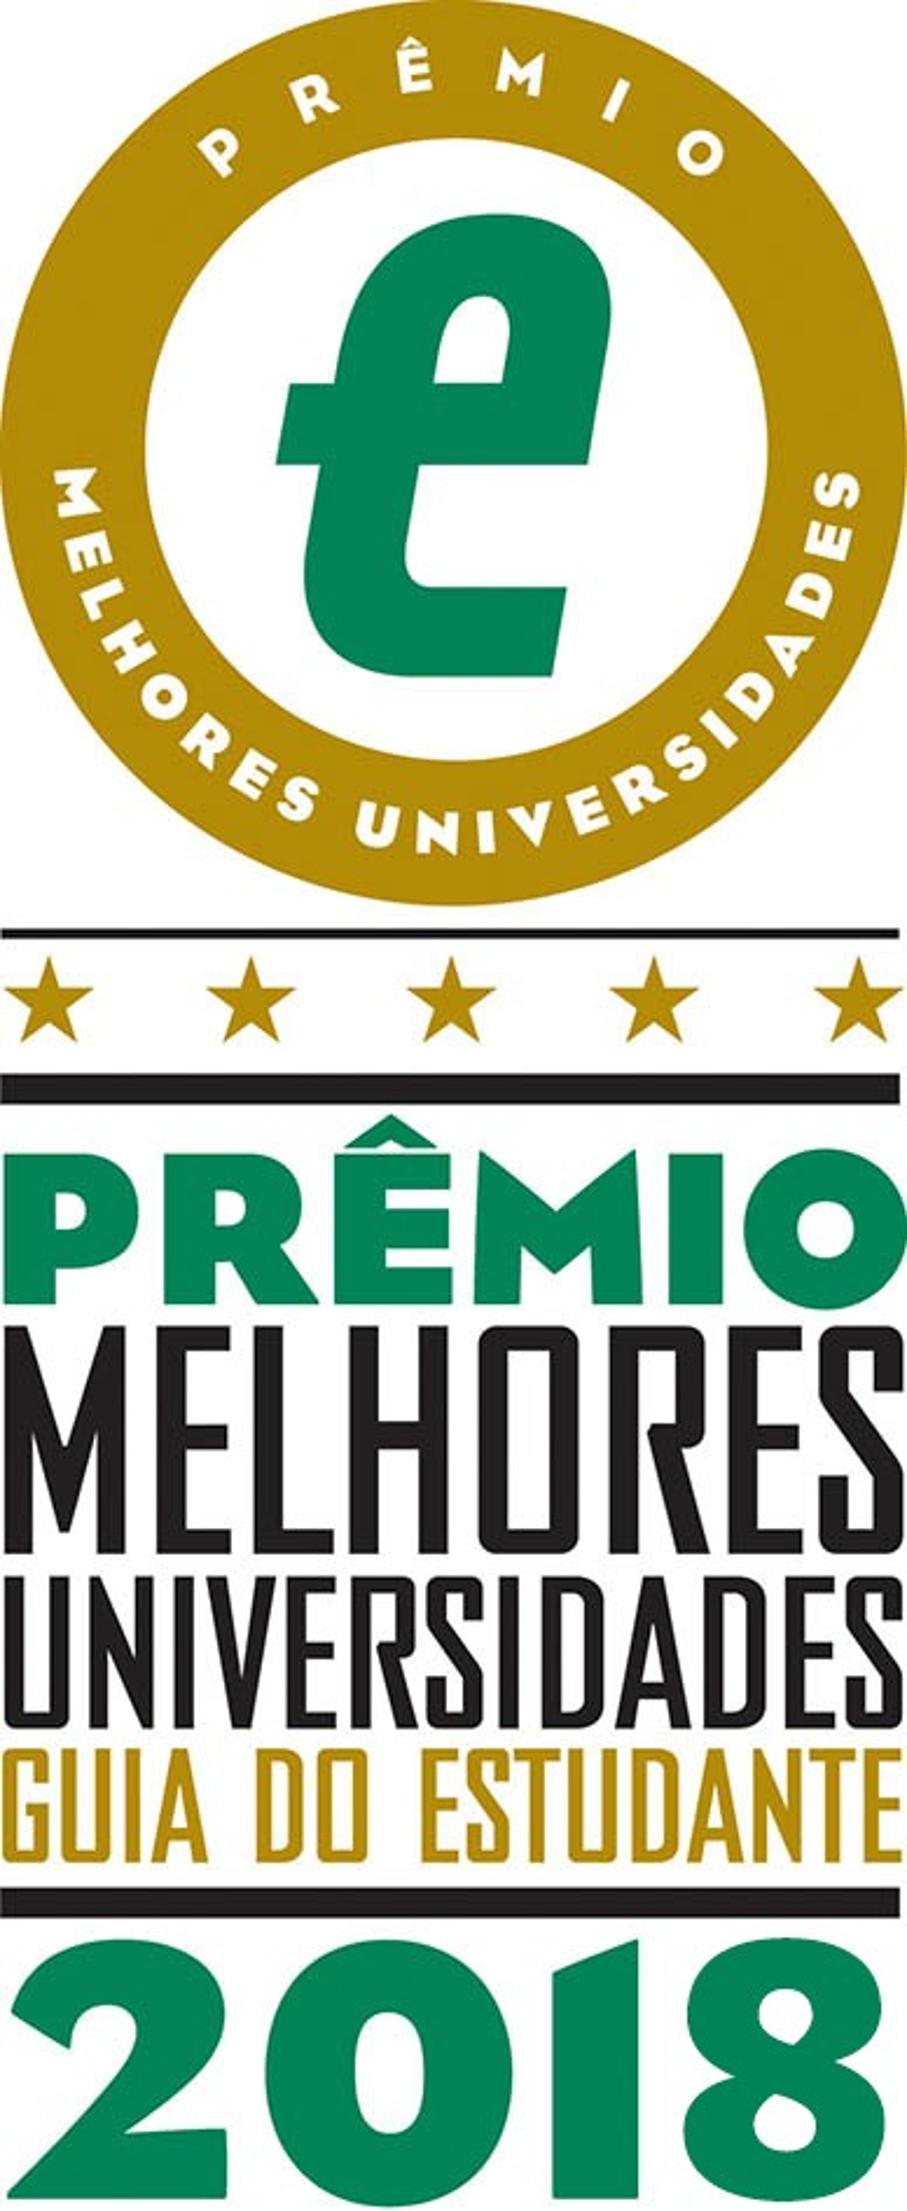 prêmio melhores universidades, guia do estudante